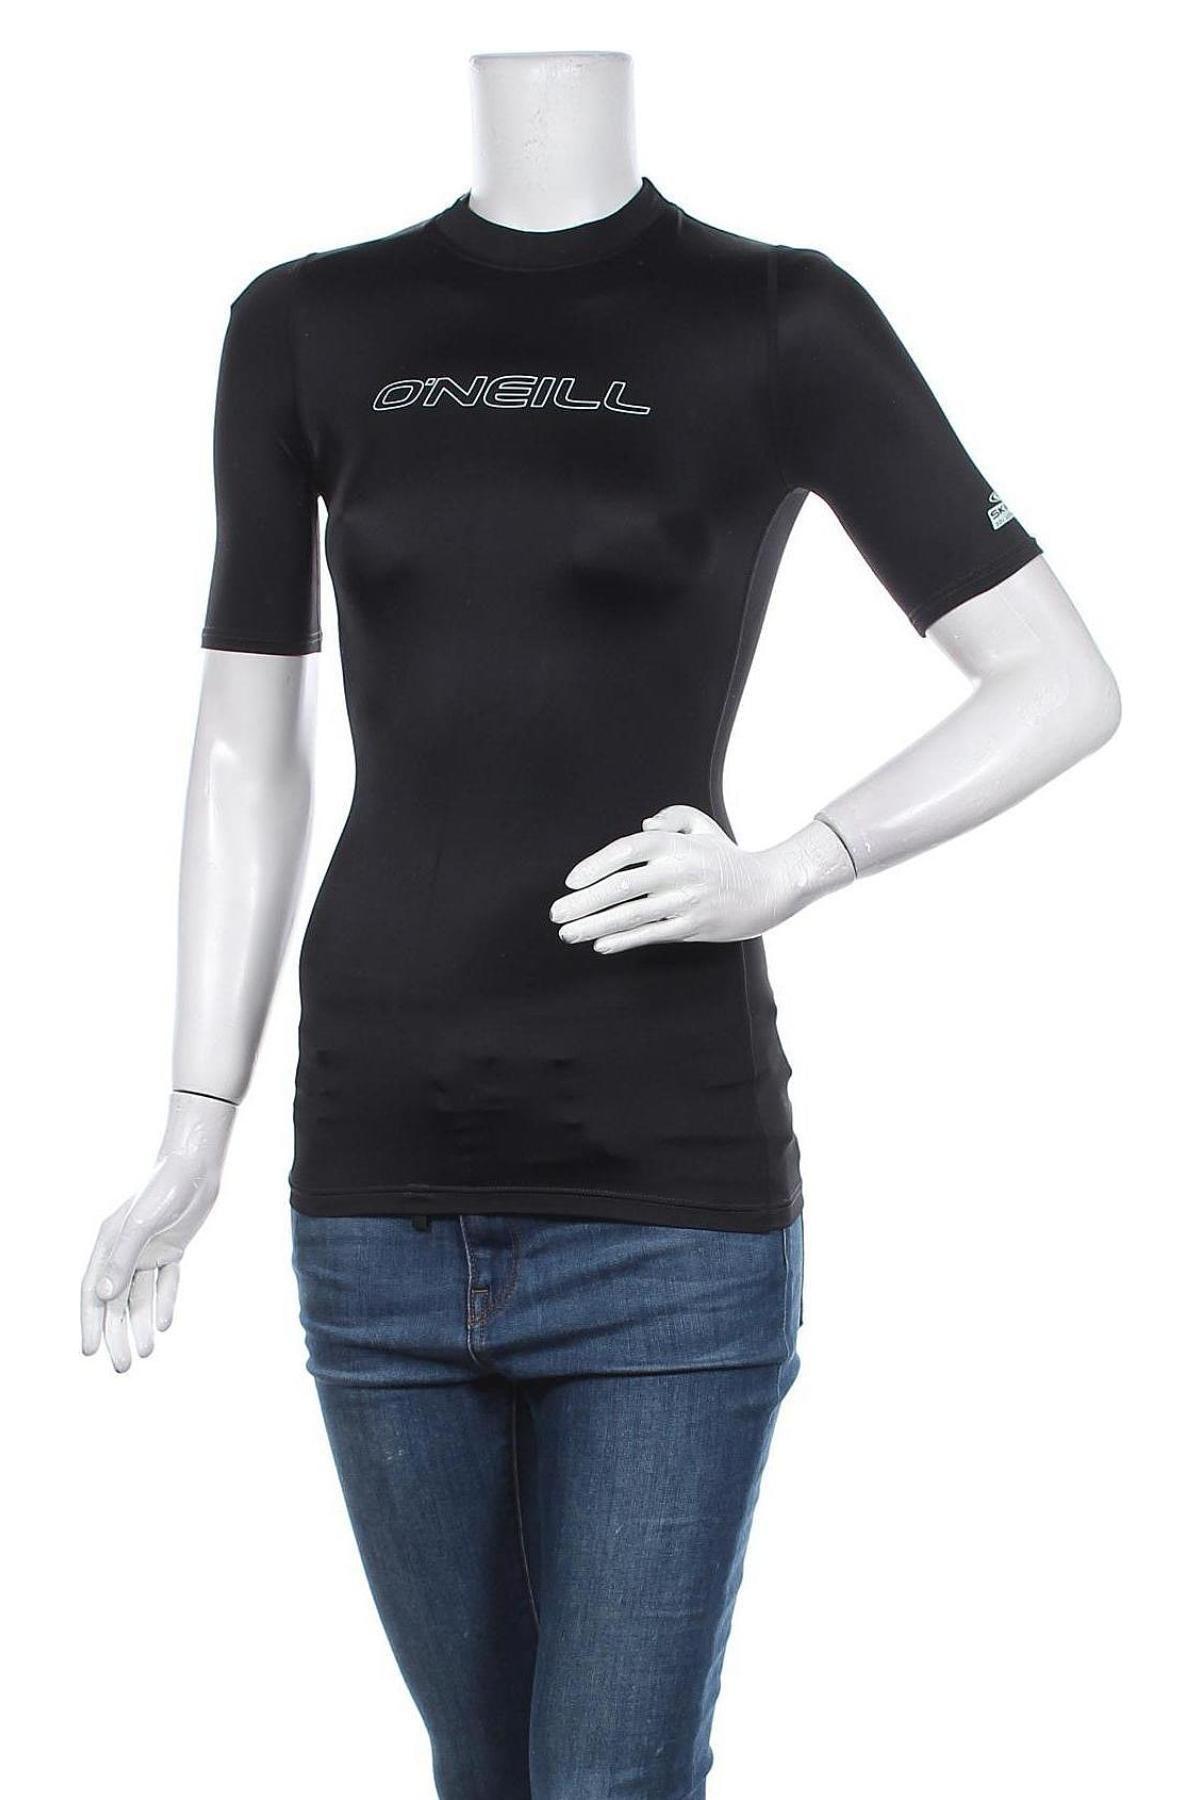 Дамска тениска O'neill, Размер XS, Цвят Черен, 82% полиамид, 18% еластан, Цена 13,72лв.